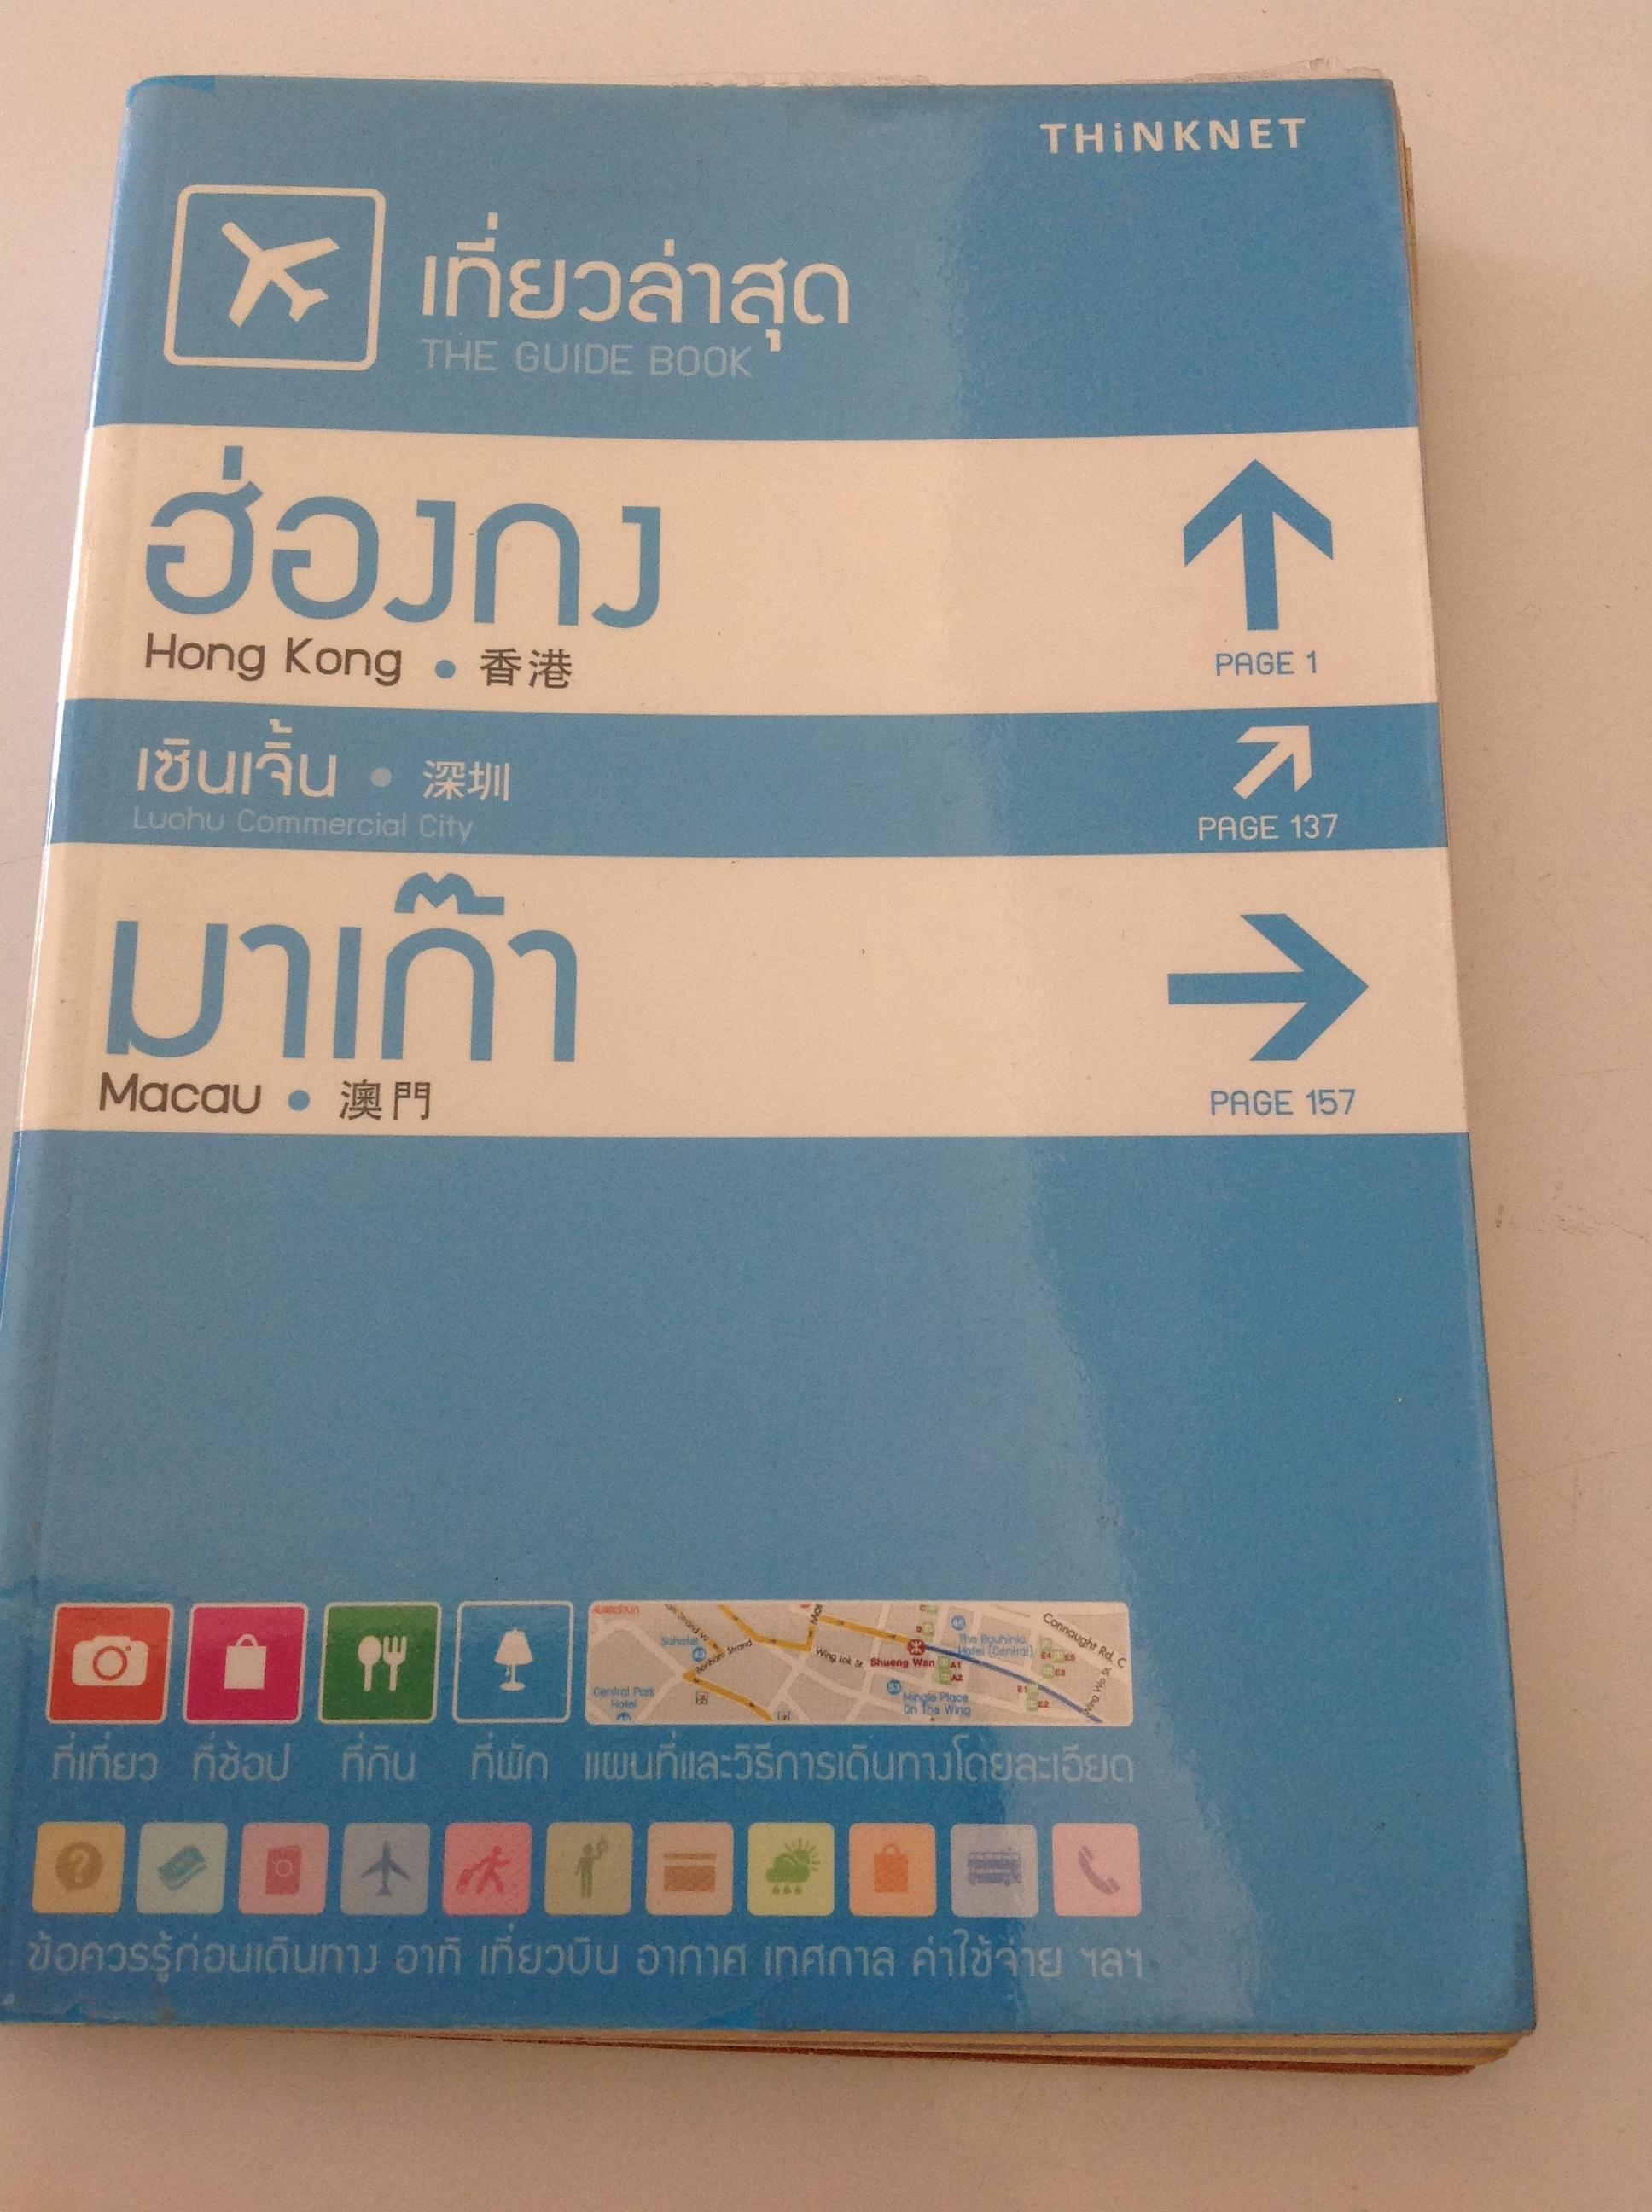 หนังสือท่องเที่ยว ฮ่องกง มาเก๊า